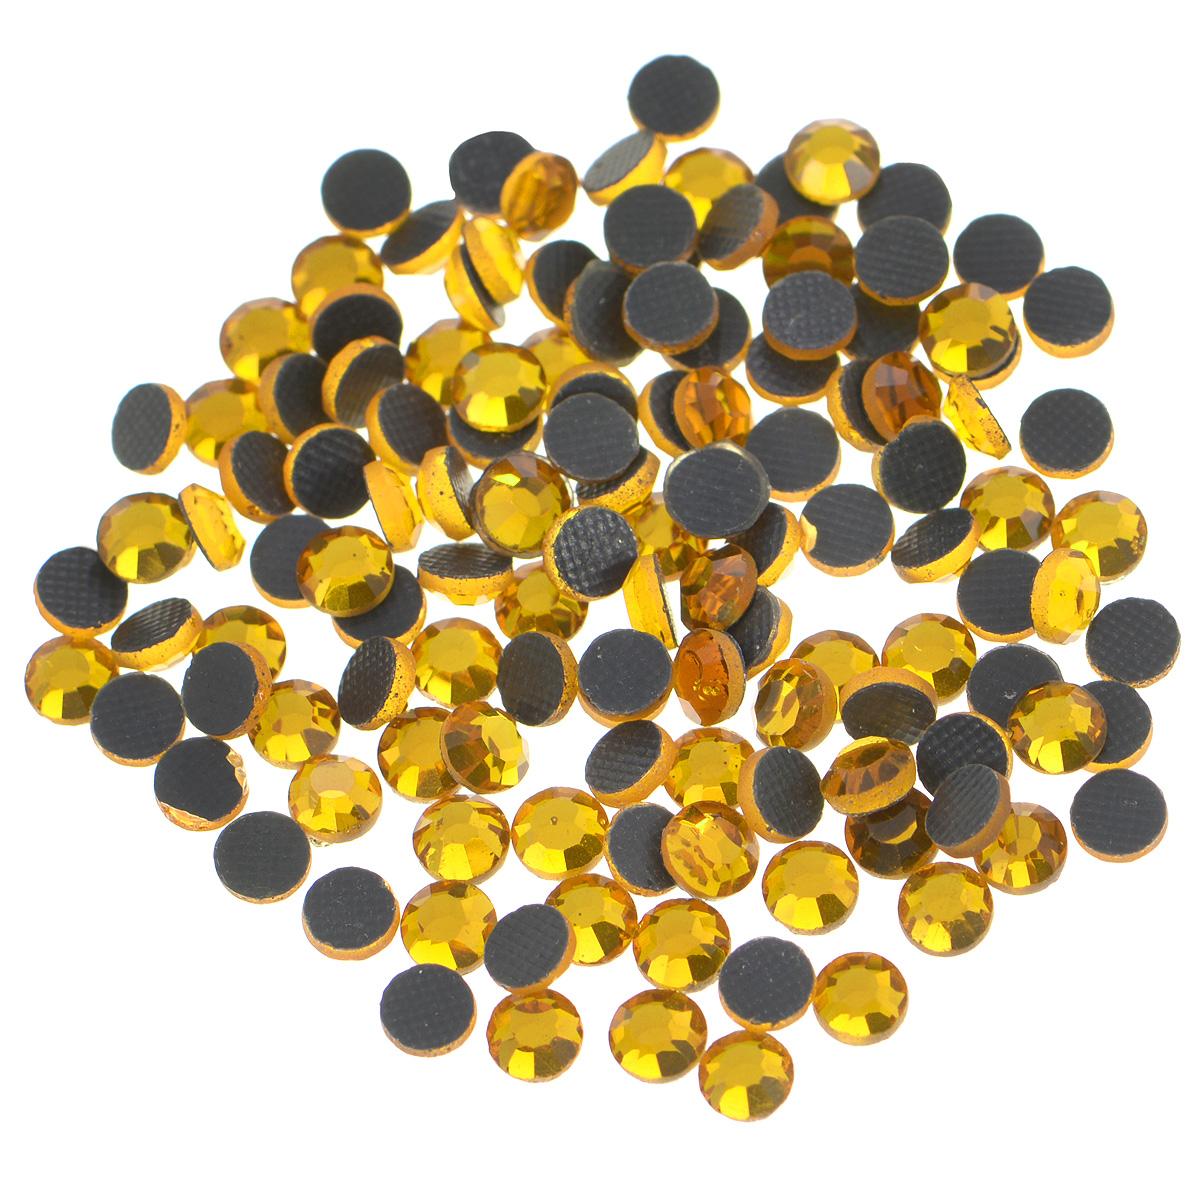 Стразы термоклеевые Cristal, цвет: топаз (203), диаметр 4 мм, 144 шт7706831_203Набор термоклеевых страз Cristal, изготовленный из высококачественного акрила, позволит вам украсить одежду, аксессуары или текстиль. Яркие стразы имеют плоское дно и круглую поверхность с гранями.Дно термоклеевых страз уже обработано особым клеем, который под воздействием высоких температур начинает плавиться, приклеиваясь, таким образом, к требуемой поверхности. Чаще всего их используют в текстильной промышленности: стразы прикладывают к ткани и проглаживают утюгом с обратной стороны. Также можно использовать специальный паяльник. Украшение стразами поможет сделать любую вещь оригинальной и неповторимой. Диаметр стразы: 4 мм.